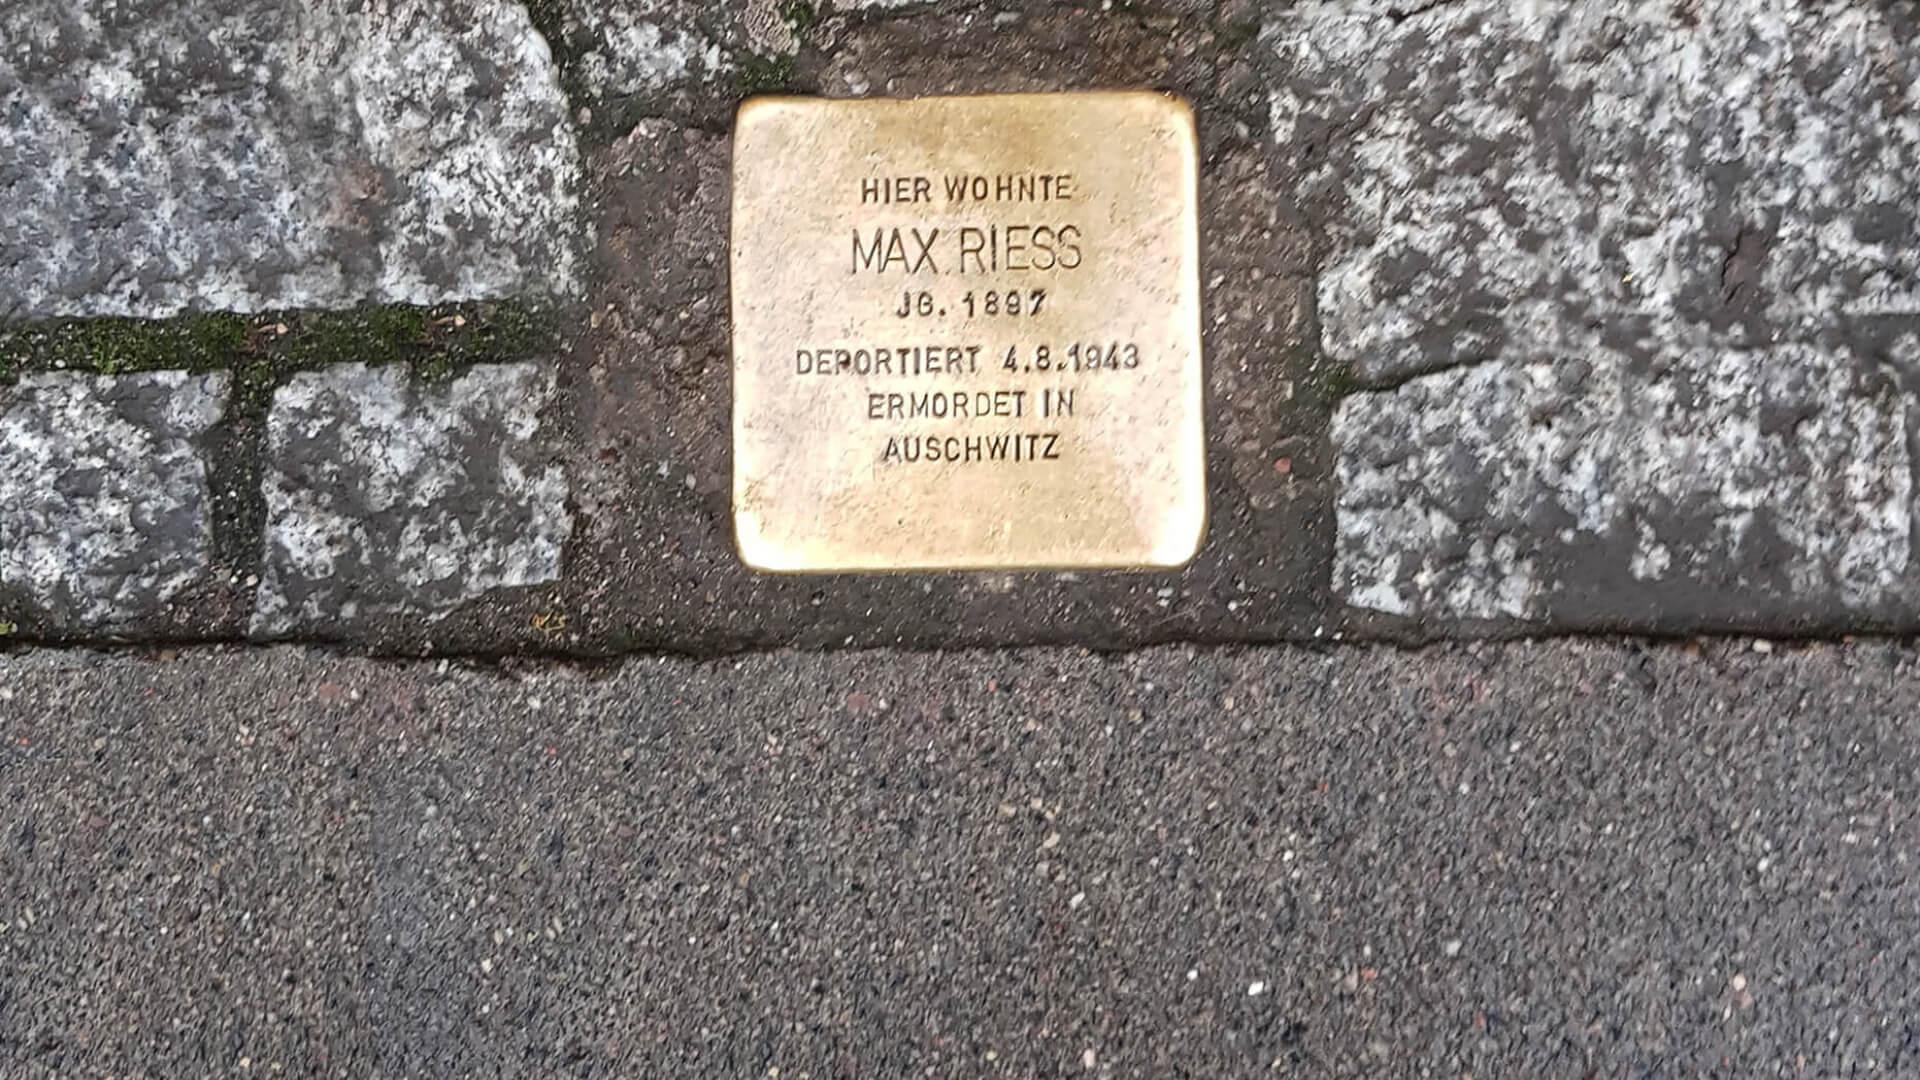 Tam Burada Yaşadı! Stolpersteine - Engel Blokları